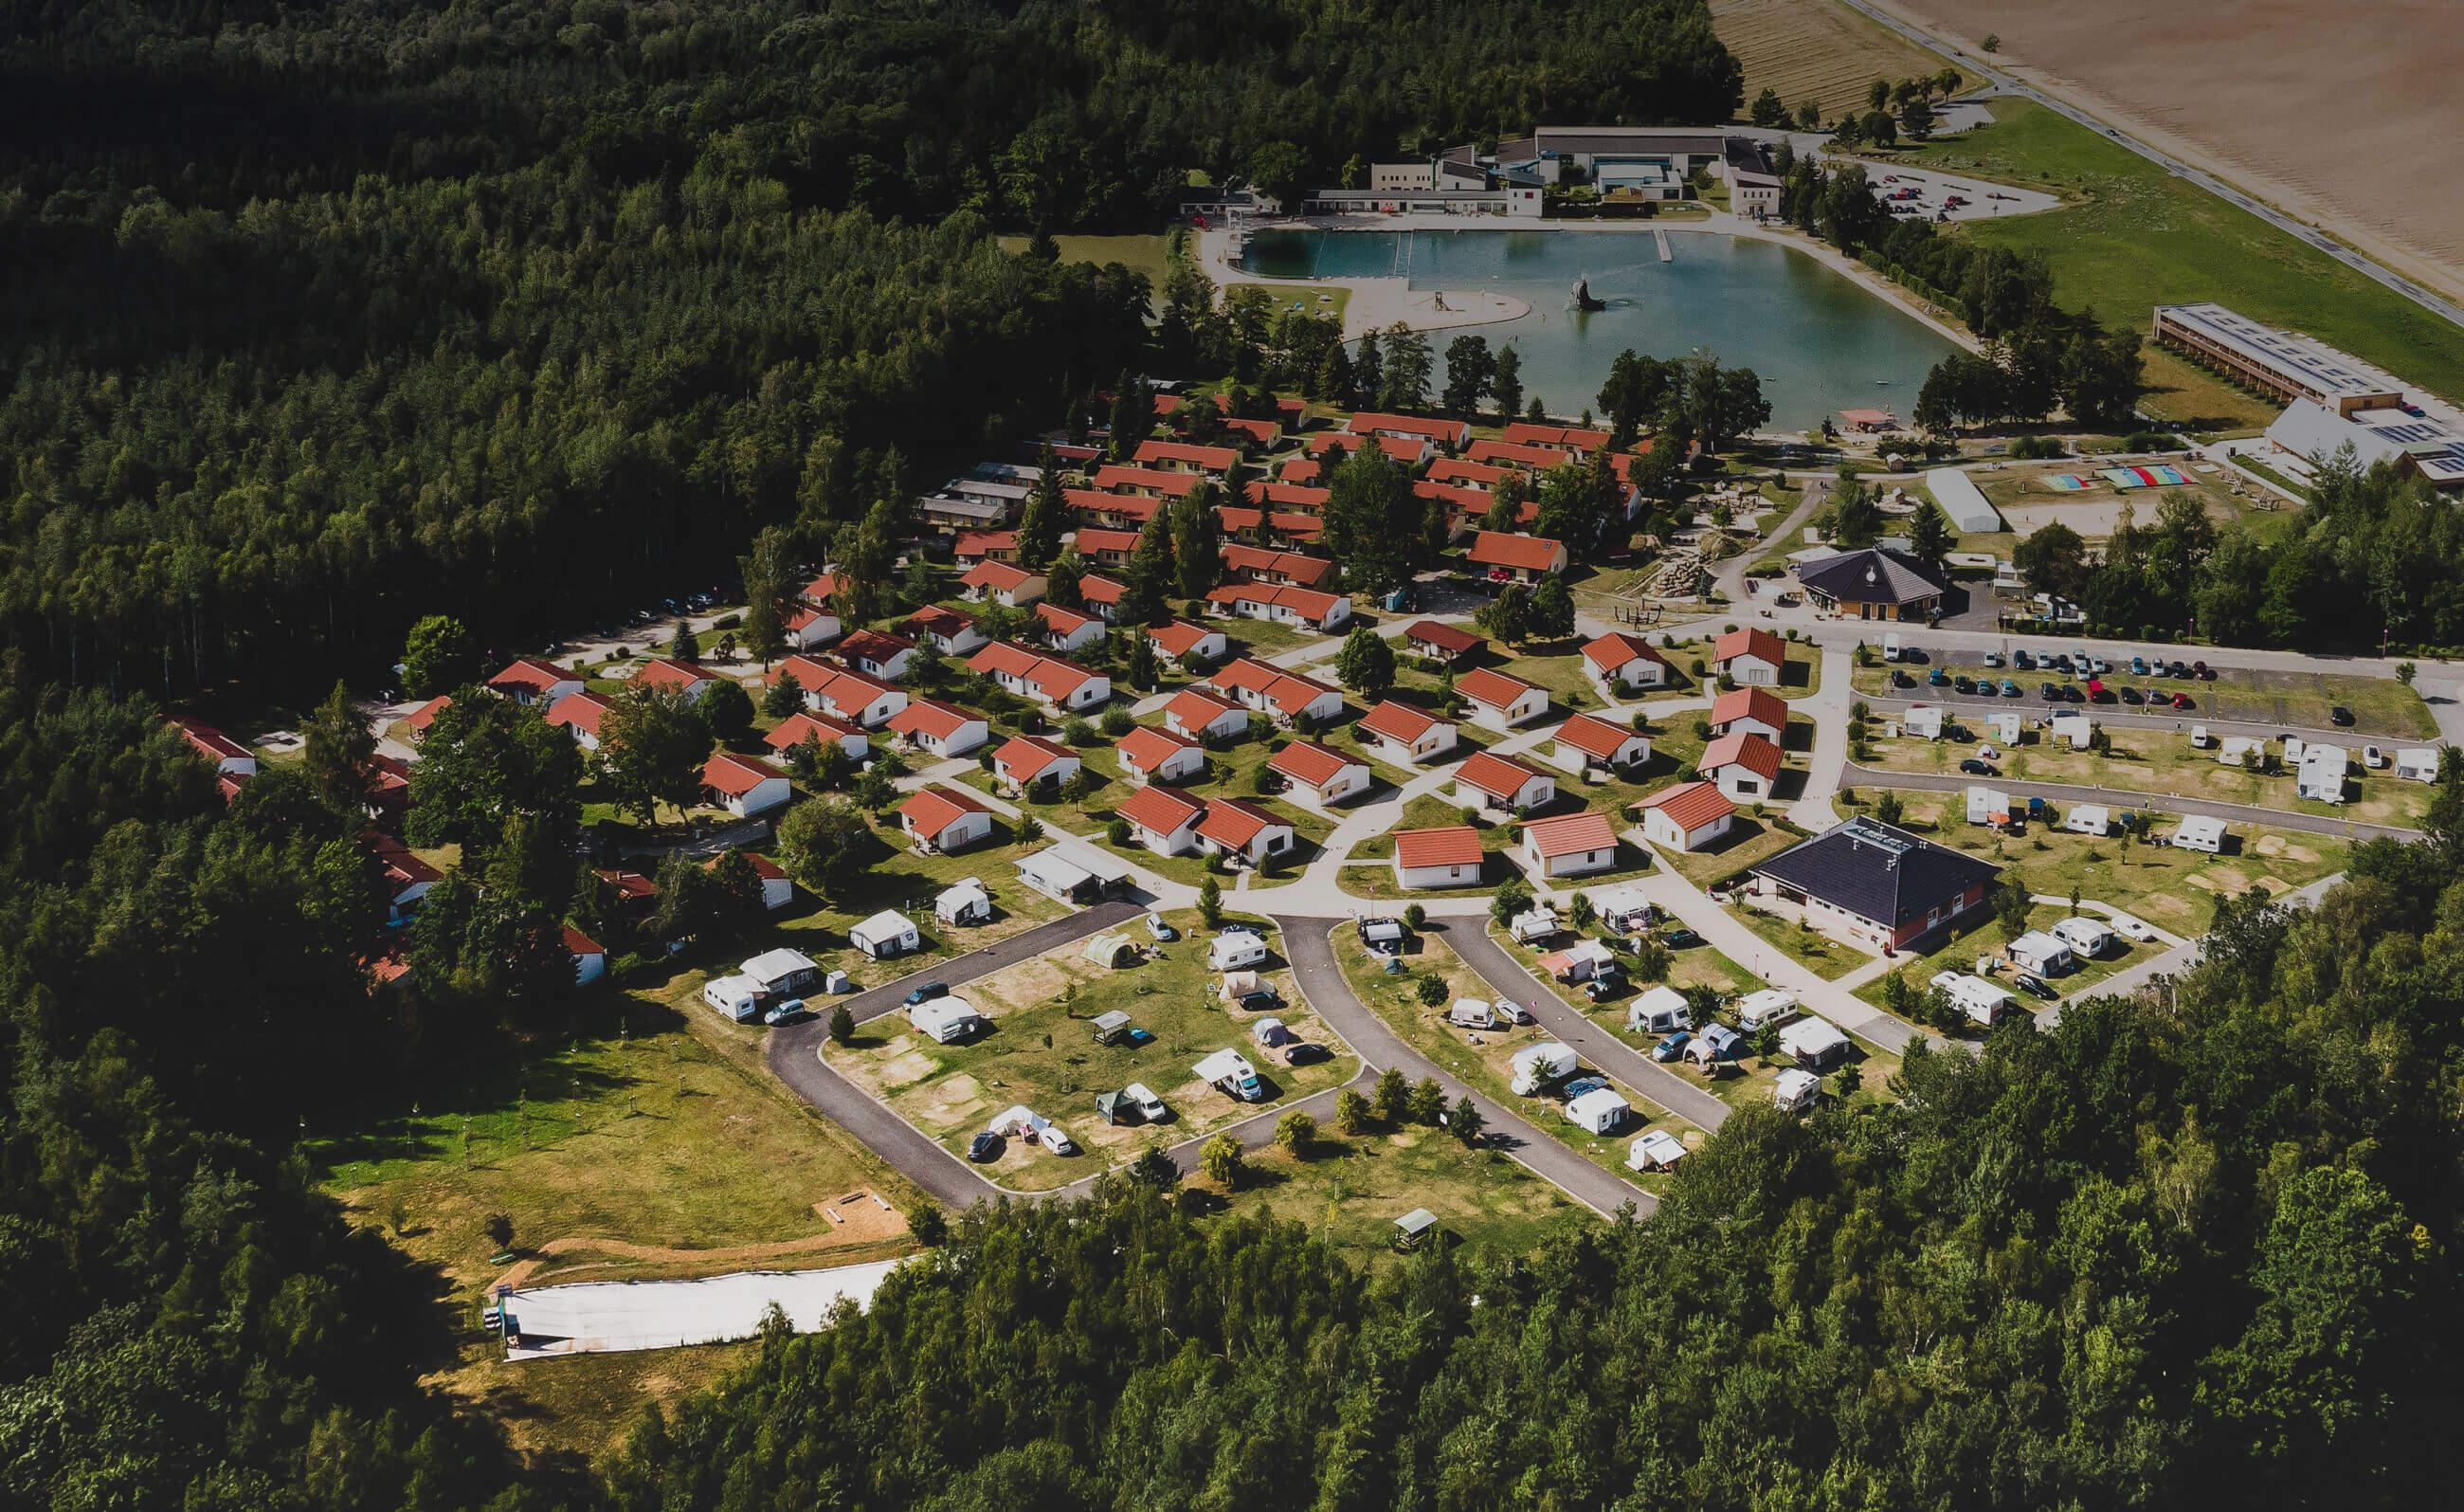 Trixi Ferienpark Zittauer Gebirge Ferienhäuser Camping Hotel Freizeitbad